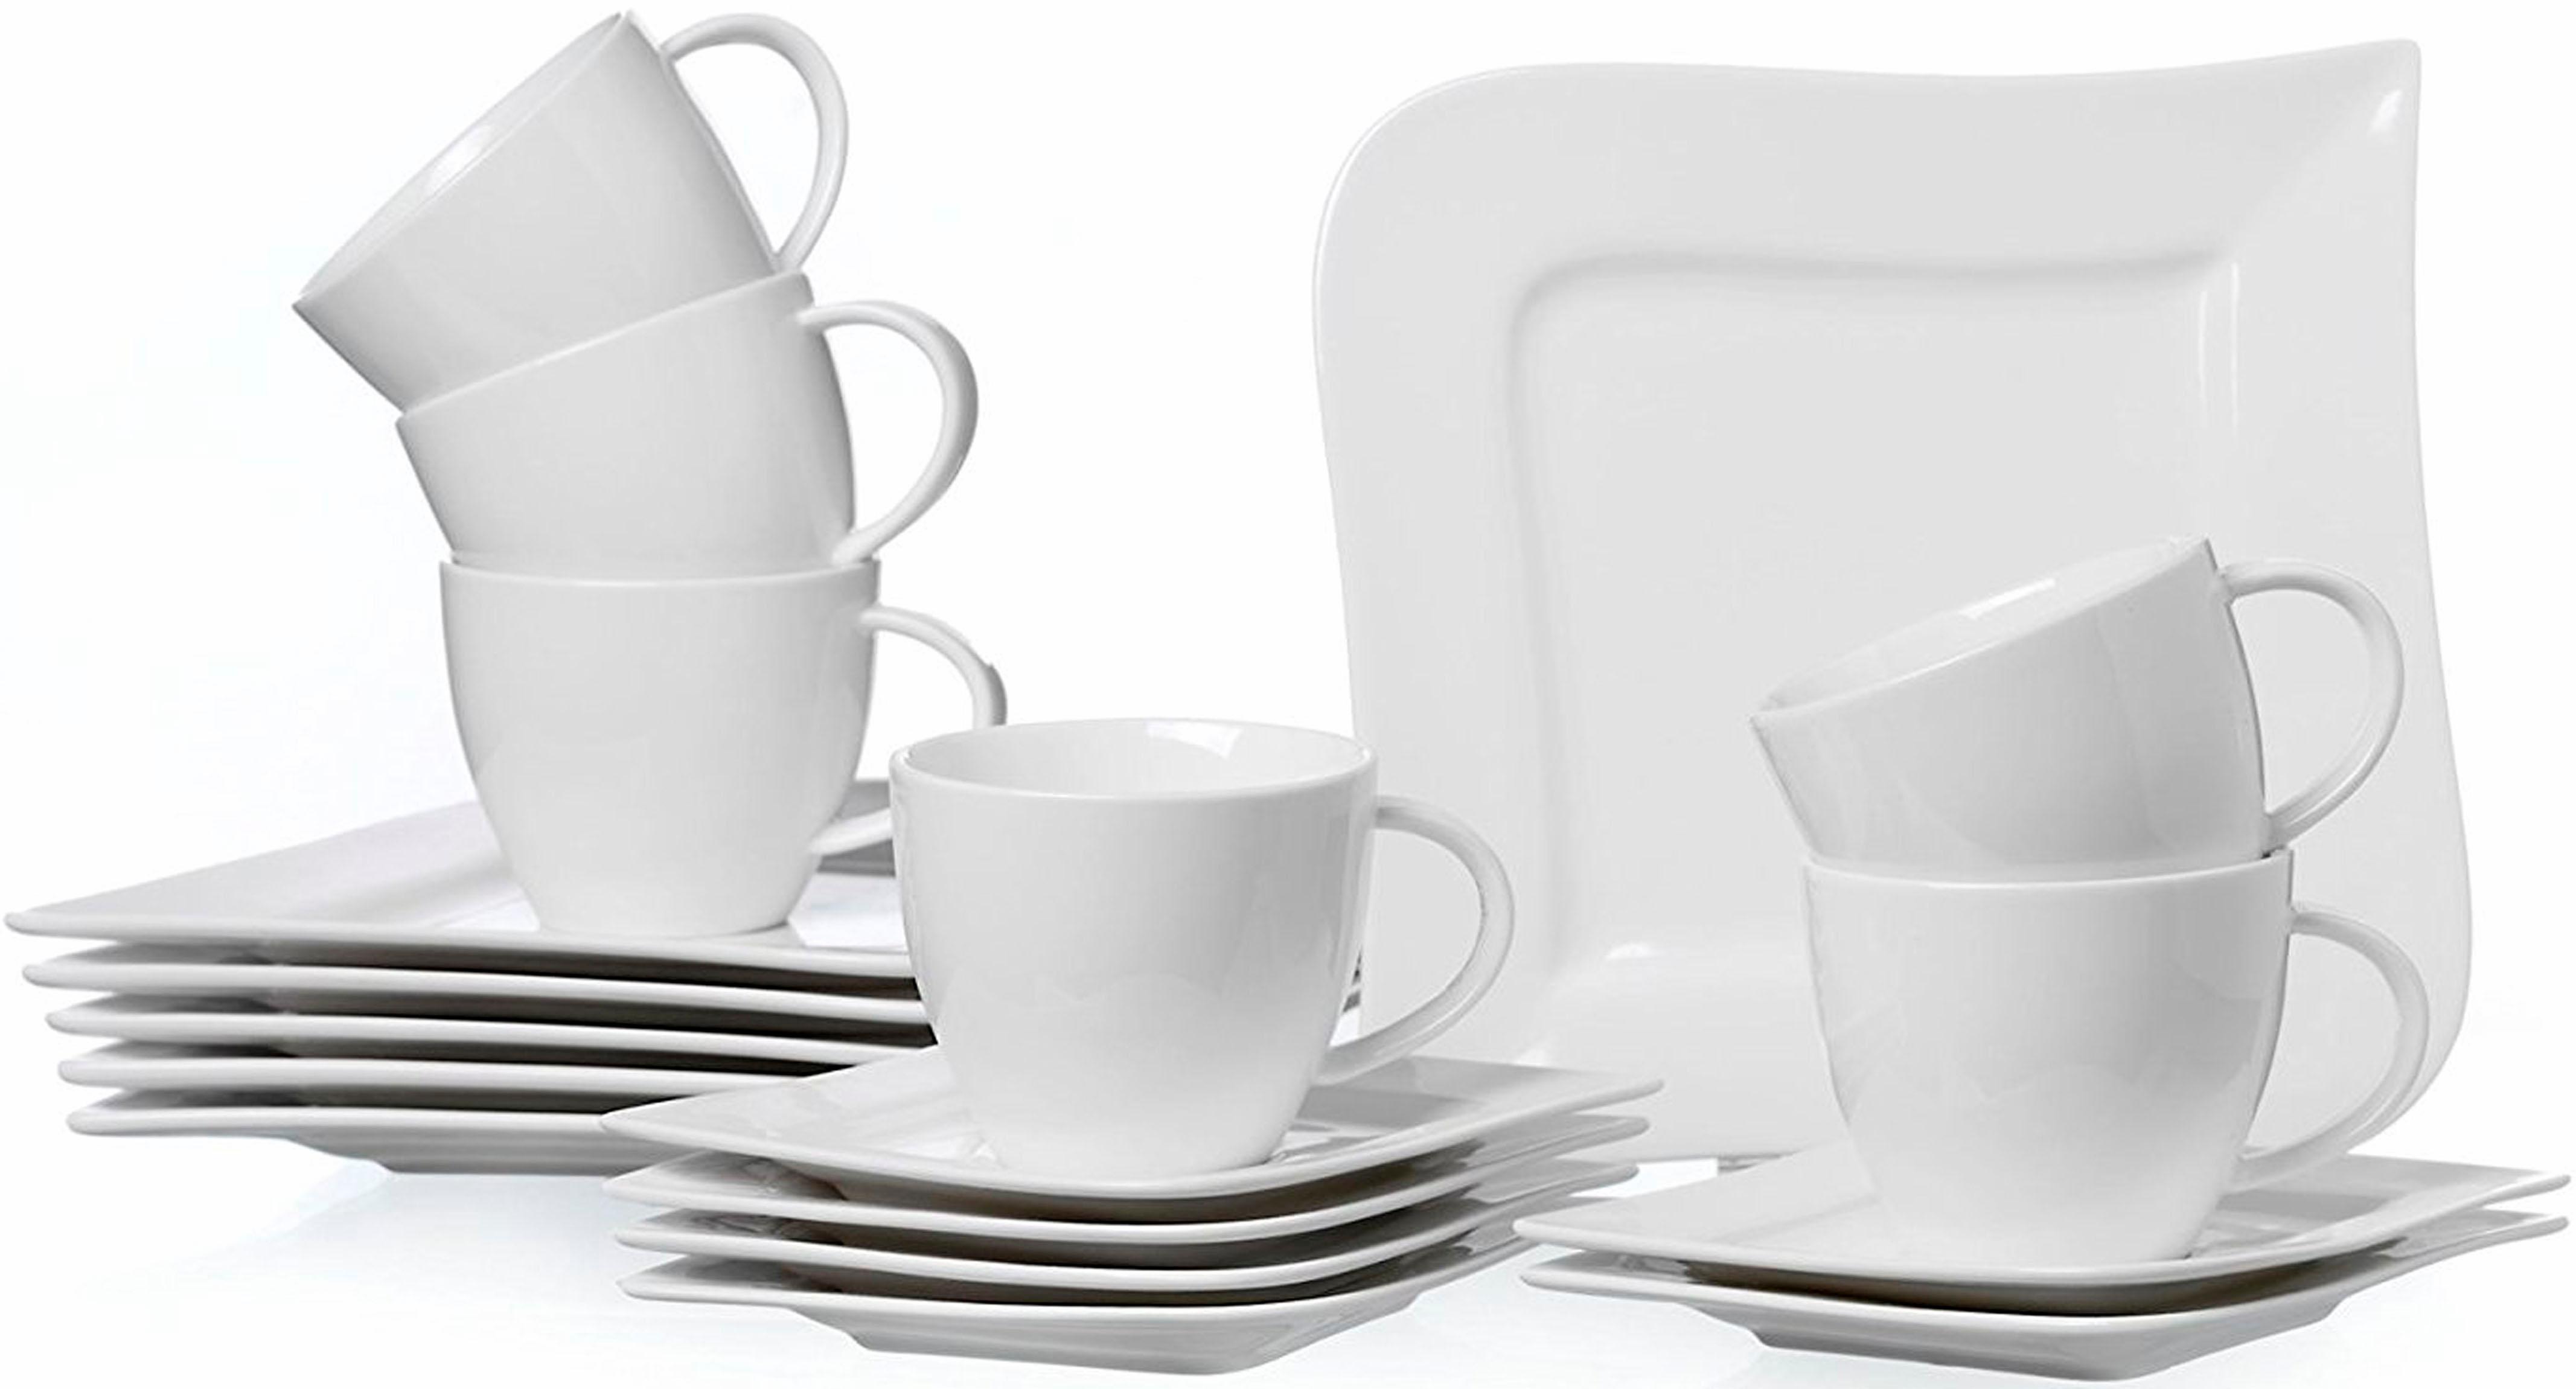 Ritzenhoff & Breker Kaffeeservice Melodie, (Set, 18 tlg.), Spülmaschinengeeignet weiß Geschirr-Sets Geschirr, Porzellan Tischaccessoires Haushaltswaren